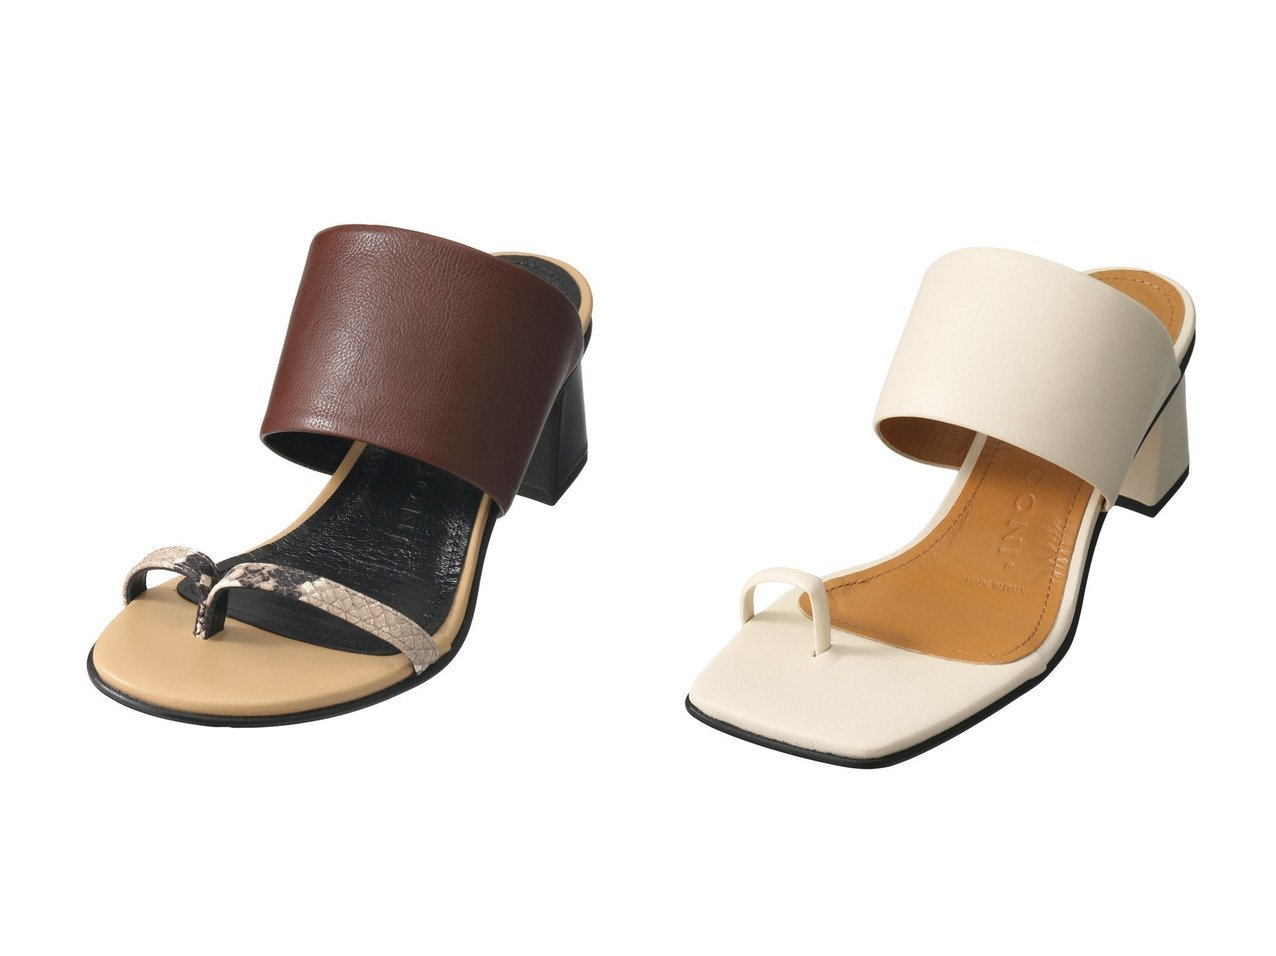 【MAISON SPECIAL/メゾンスペシャル】の【FABIO RUSCONI】VIRGI1276サンダル&【FABIO RUSCONI】LELLA1116サンダル シューズ・靴のおすすめ!人気、トレンド・レディースファッションの通販 おすすめで人気の流行・トレンド、ファッションの通販商品 メンズファッション・キッズファッション・インテリア・家具・レディースファッション・服の通販 founy(ファニー) https://founy.com/ ファッション Fashion レディースファッション WOMEN 2021年 2021 2021 春夏 S/S SS Spring/Summer 2021 S/S 春夏 SS Spring/Summer サンダル 春 Spring  ID:crp329100000024755